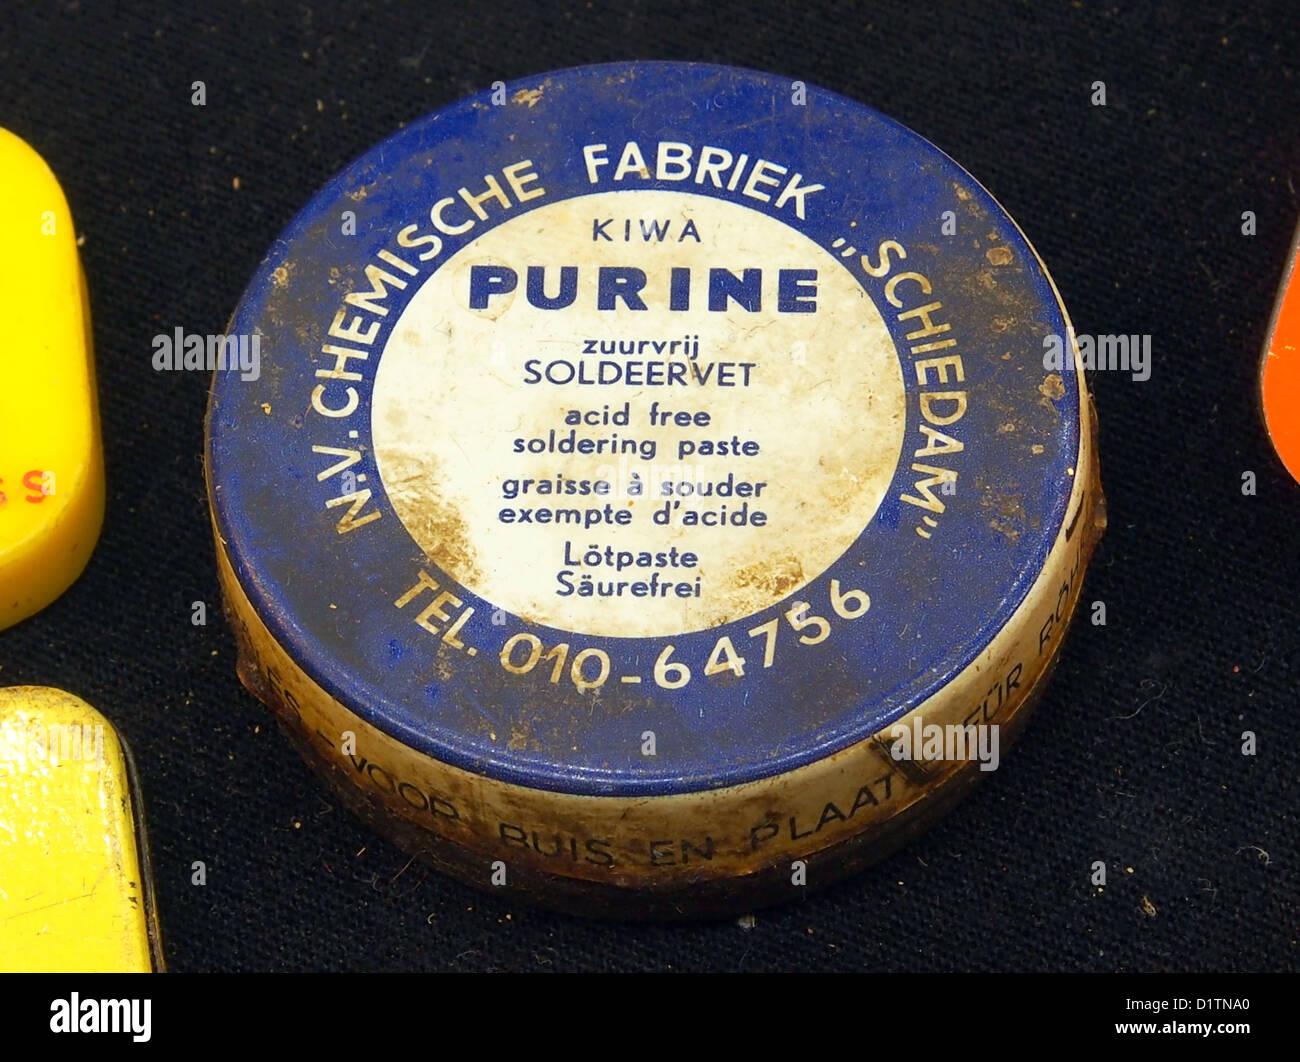 NV Chemische fabriek, KIWA, Purine, zuurvrij soldeer vet - Stock Image